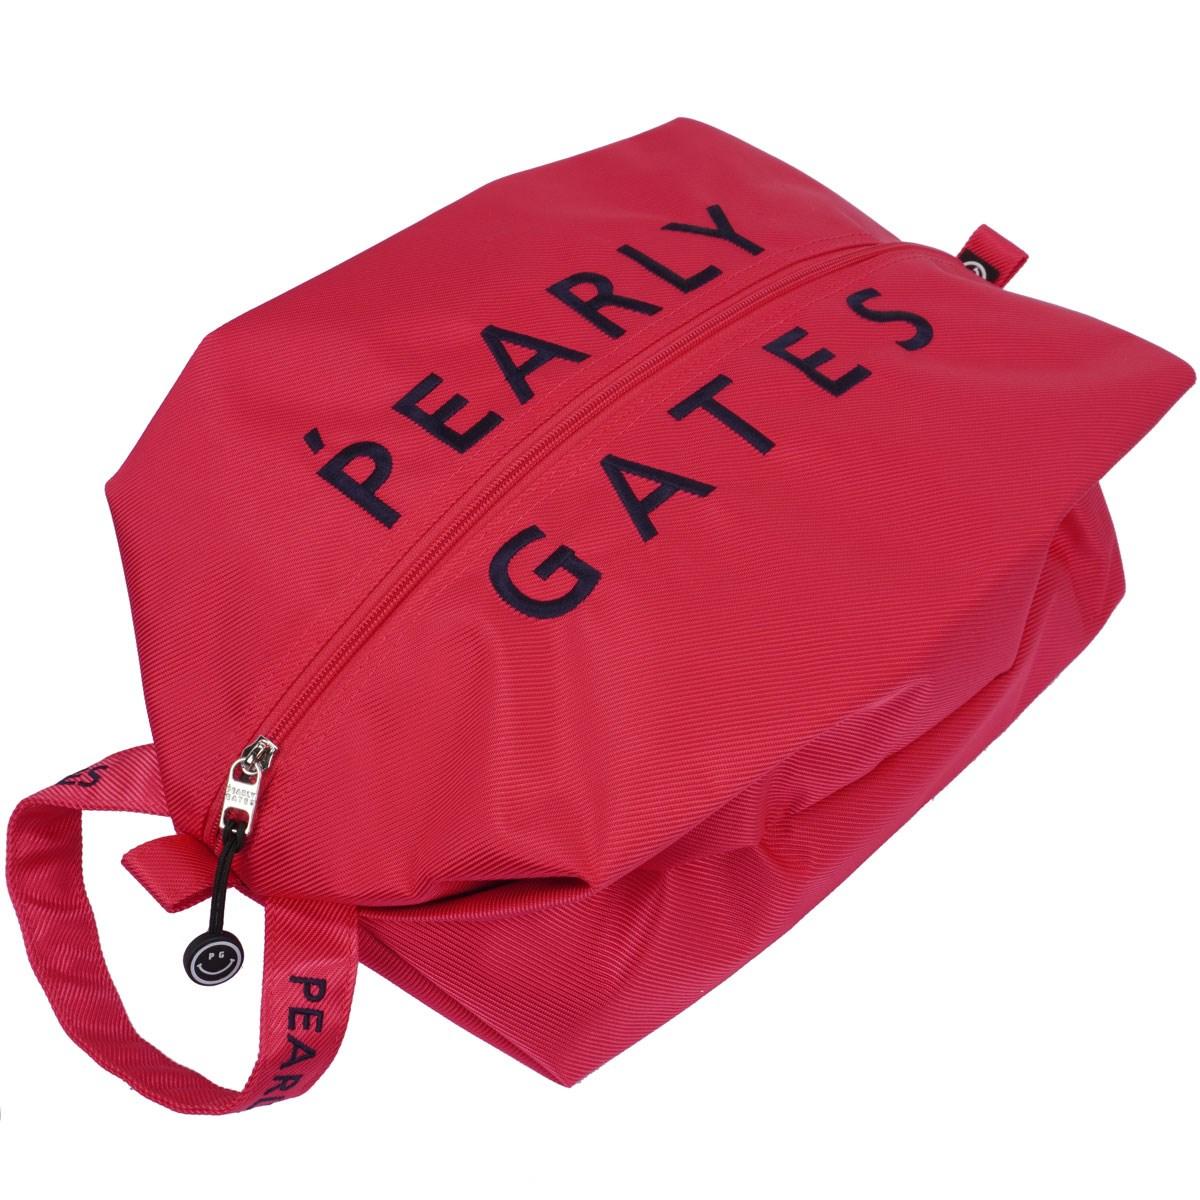 [定番モデル] パーリーゲイツ PEARLY GATES シューズケース ピンク 090 メンズ ゴルフ